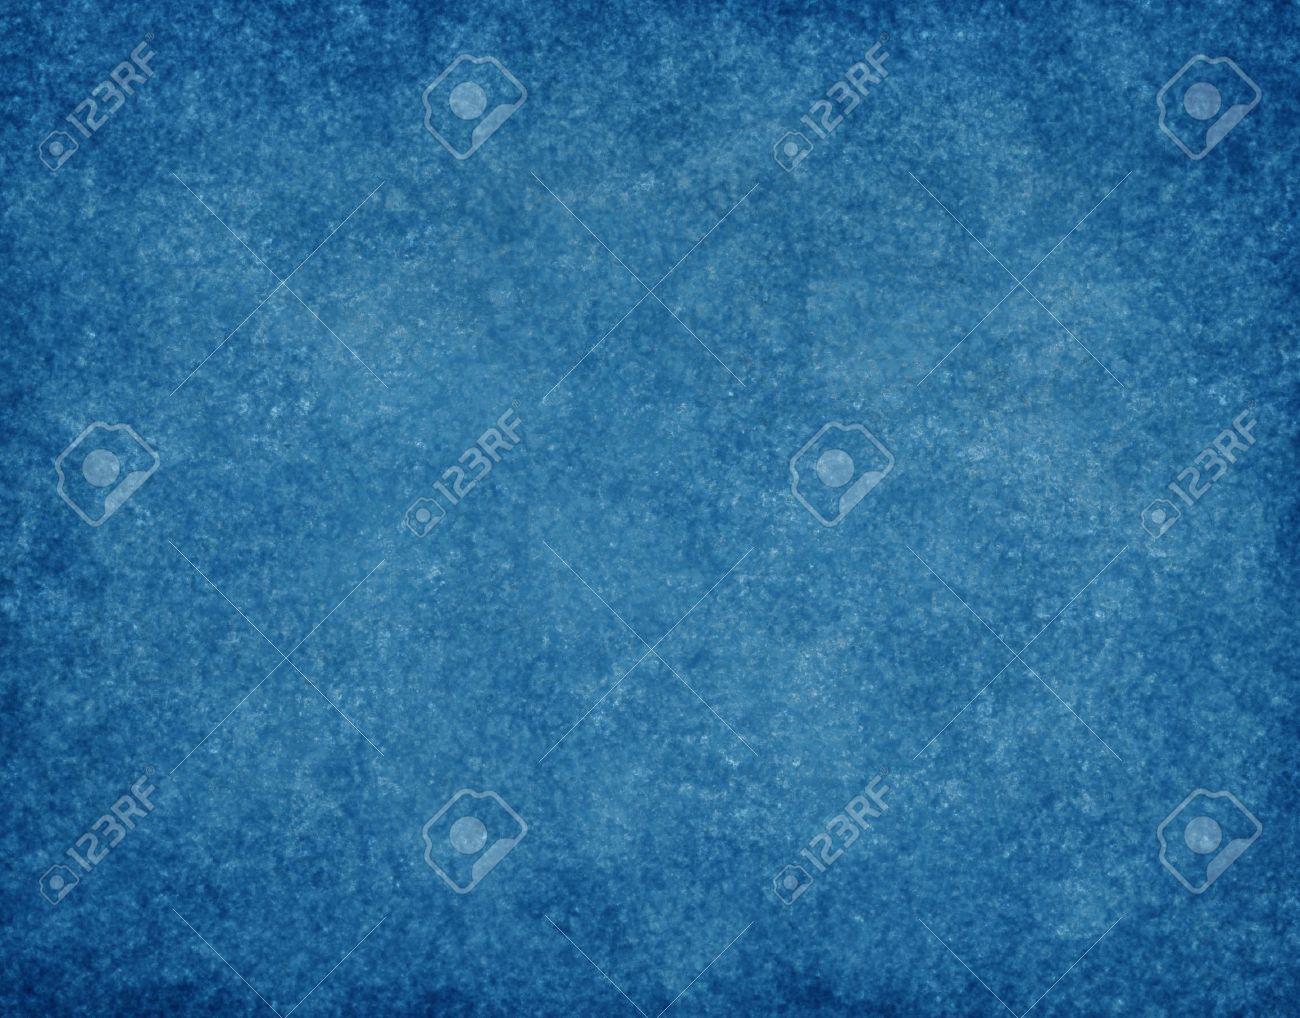 Peinture À L Éponge Sur Mur abstrait bleu avec la conception grunge texture vintage background avec de  la peinture éponge élégante illustration mur papier de scrapbooking, ou les